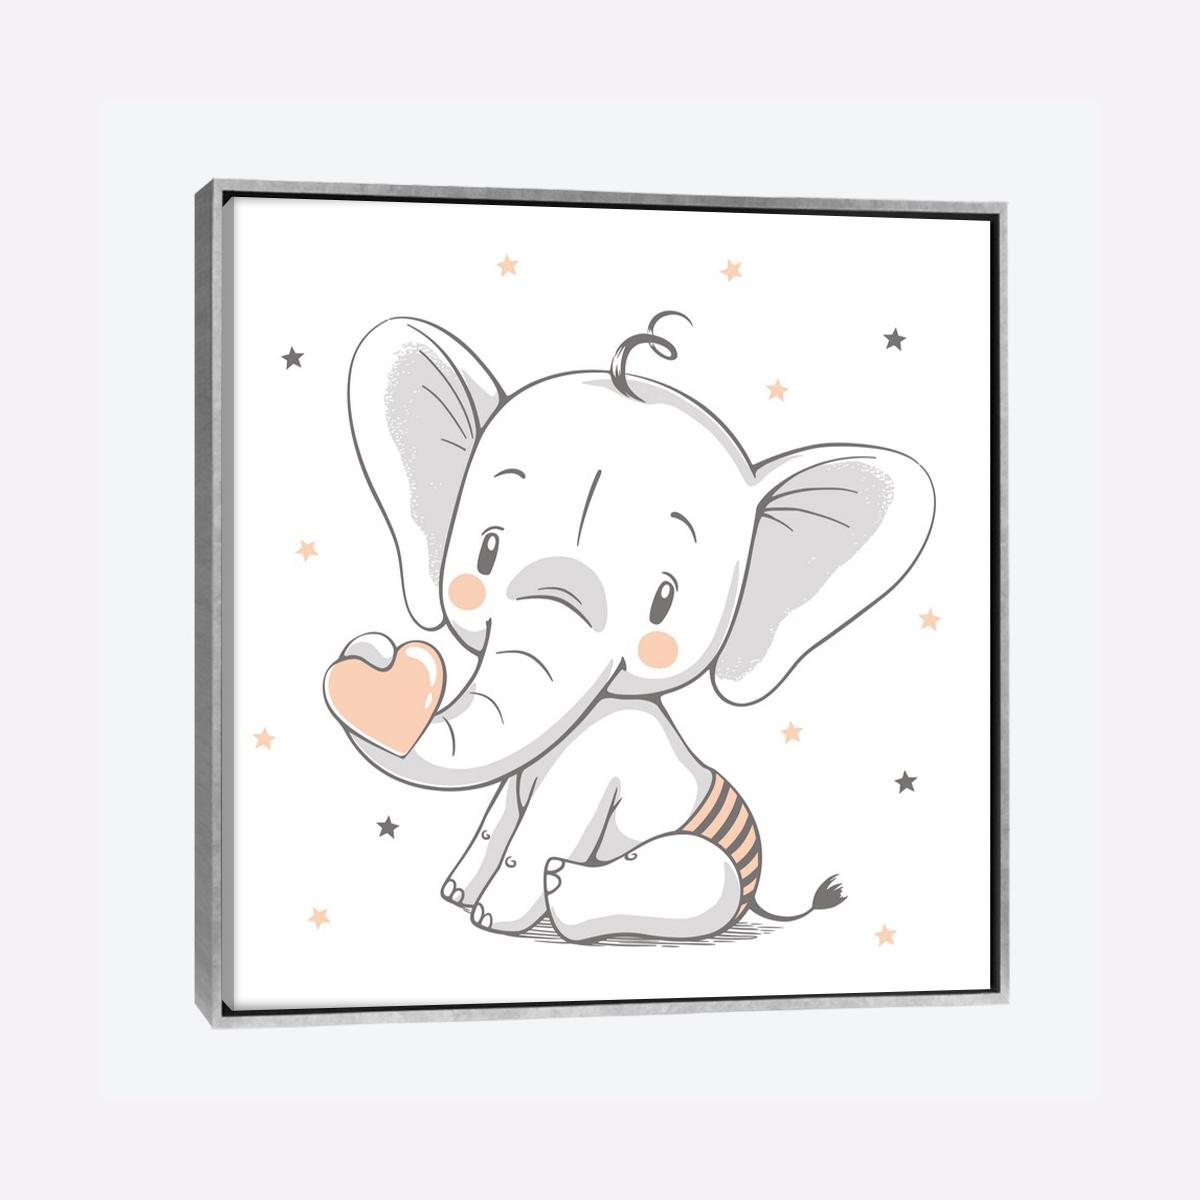 لوحات جدارية - الفيل الصغير يحمل قلب الحب - لوحات جدارية - لوحات فنية مميزة - لوحة حائط مفعمة بالوان الطفولة والأشكال المحببة للأطفال حيث تحوي تناثر الألوان المائية على كانفس مشدود عالي الجودة تعطي شعور السلام والفن الراقي مع بصمة الذوق الرفيع الذي يتناسب مع جميع أثاثكم